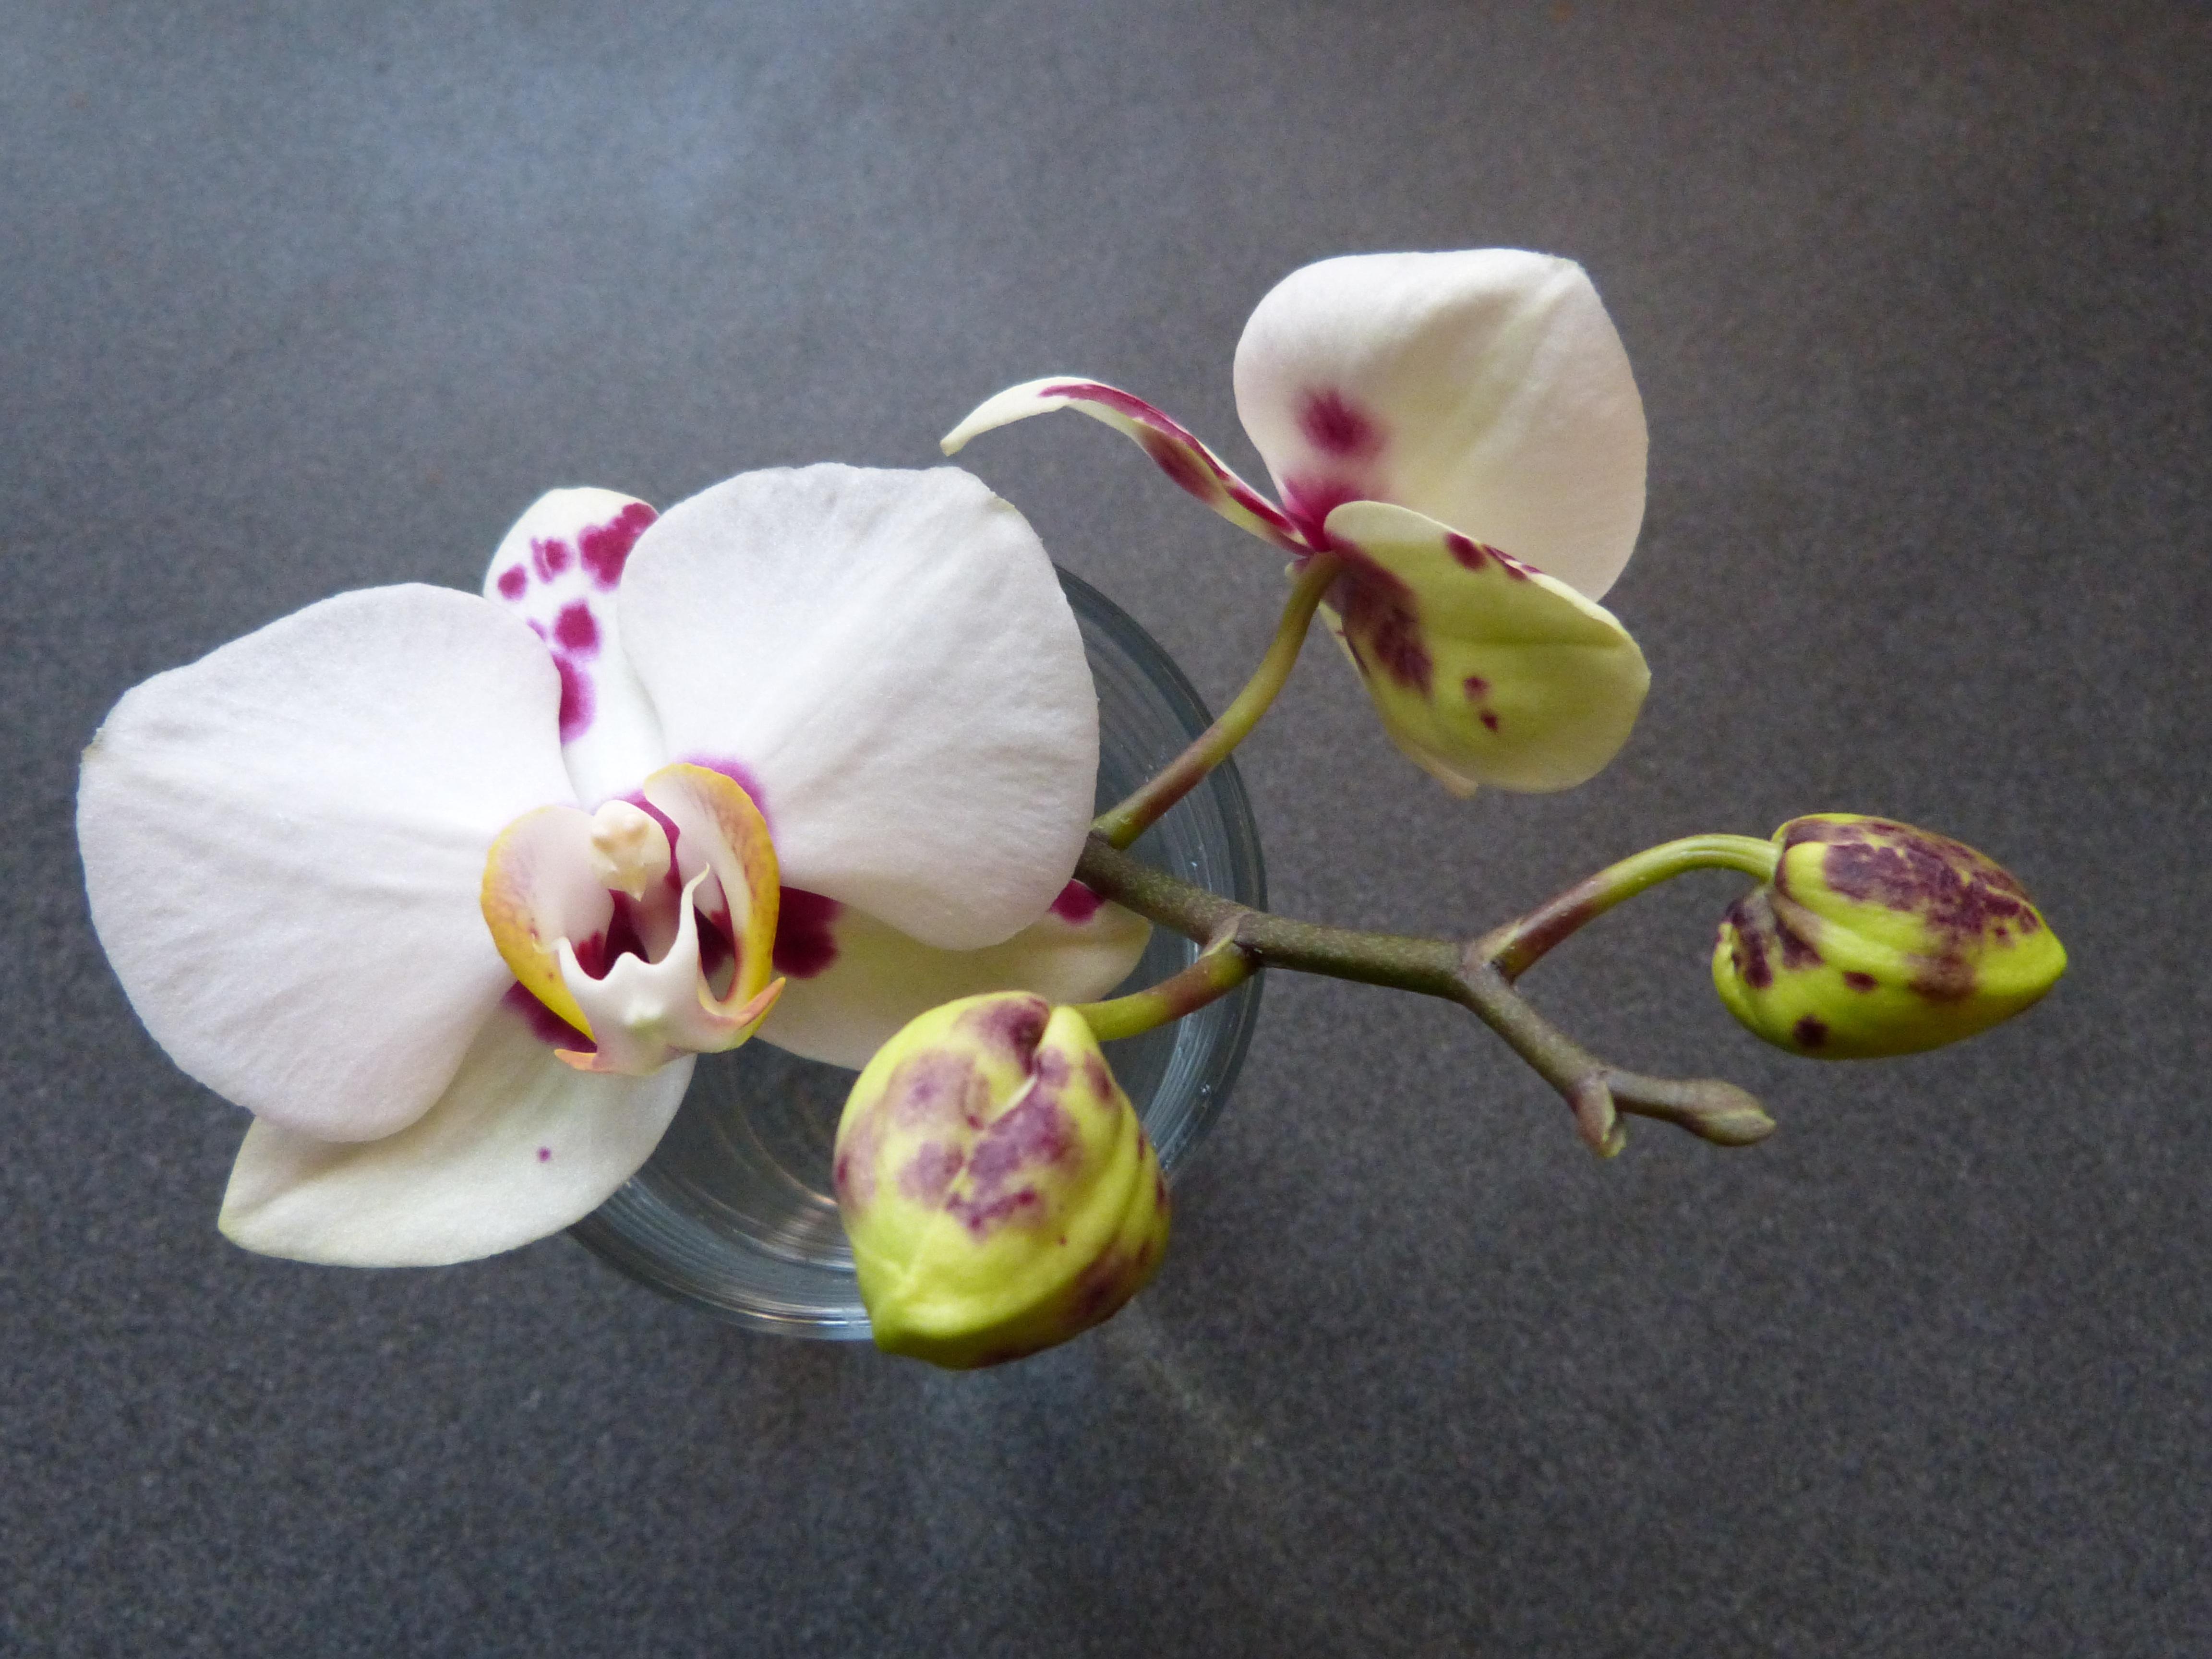 задача это бутоны орхидеи фото признание настоящая награда